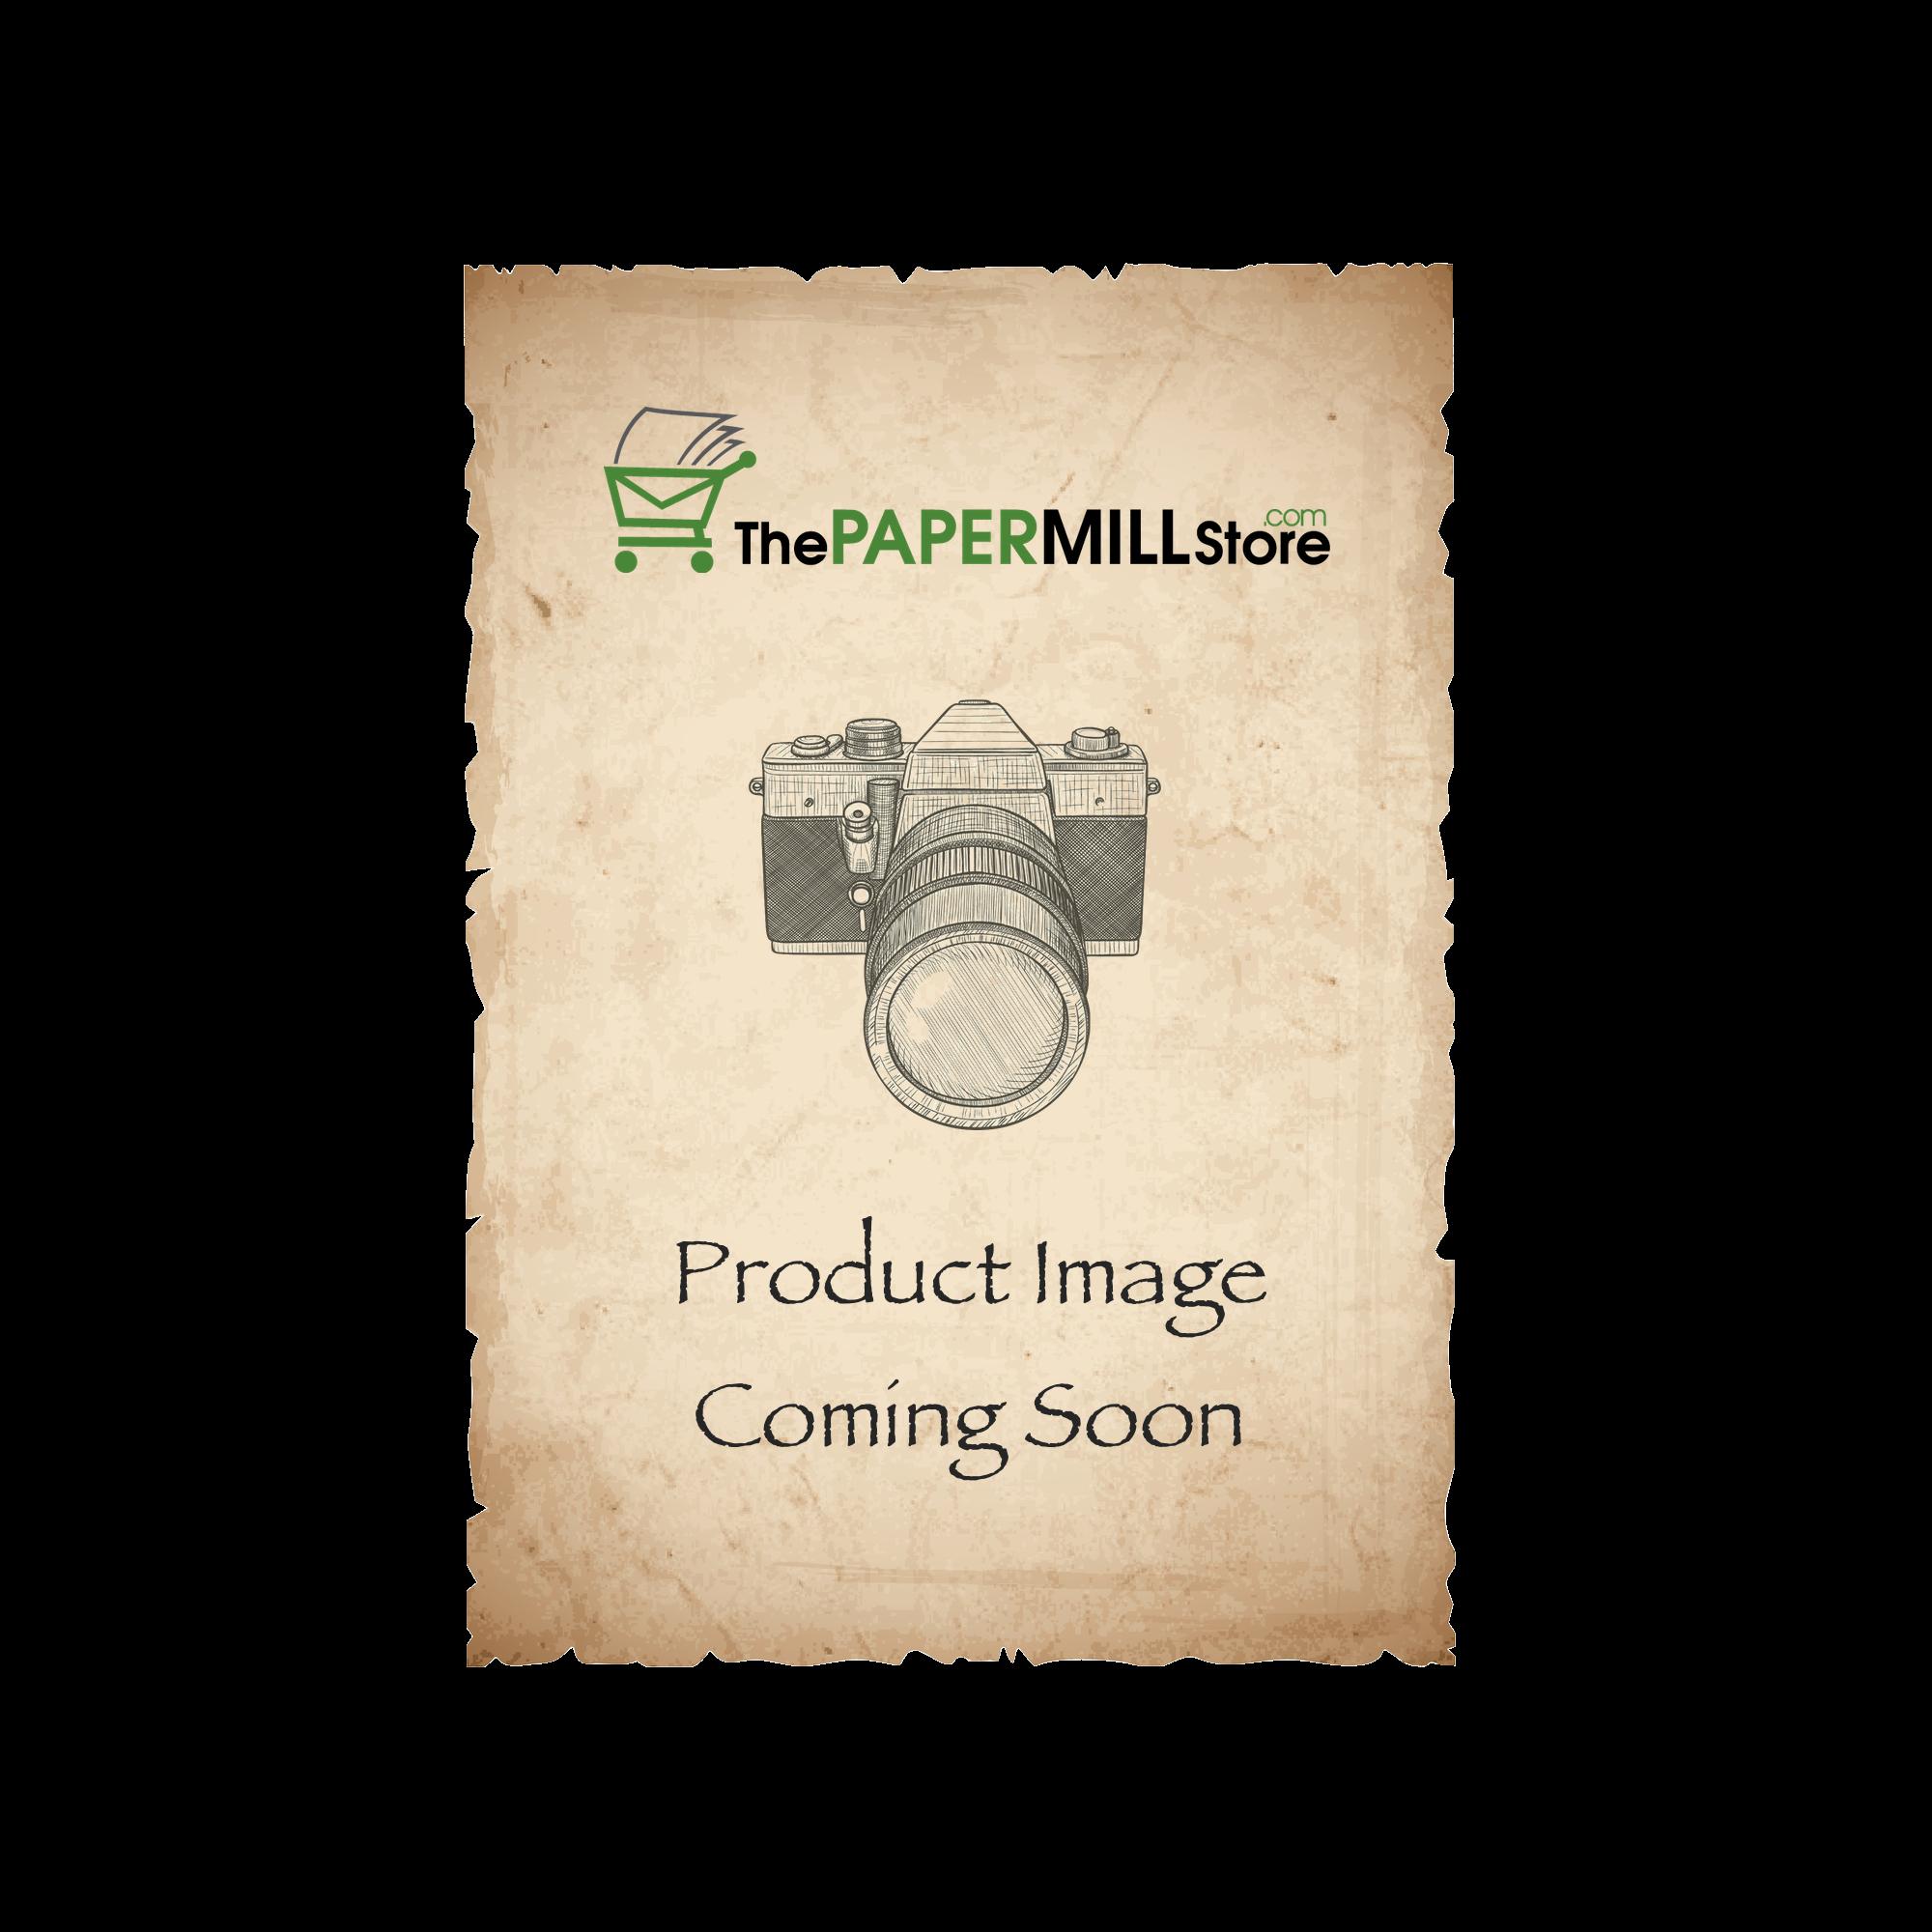 ASPIRE Petallics Autumn Hay Envelopes - No. 10 Square Flap (4 1/8 x 9 1/2) 80 lb Text Metallic C/2S  2500 per Carton